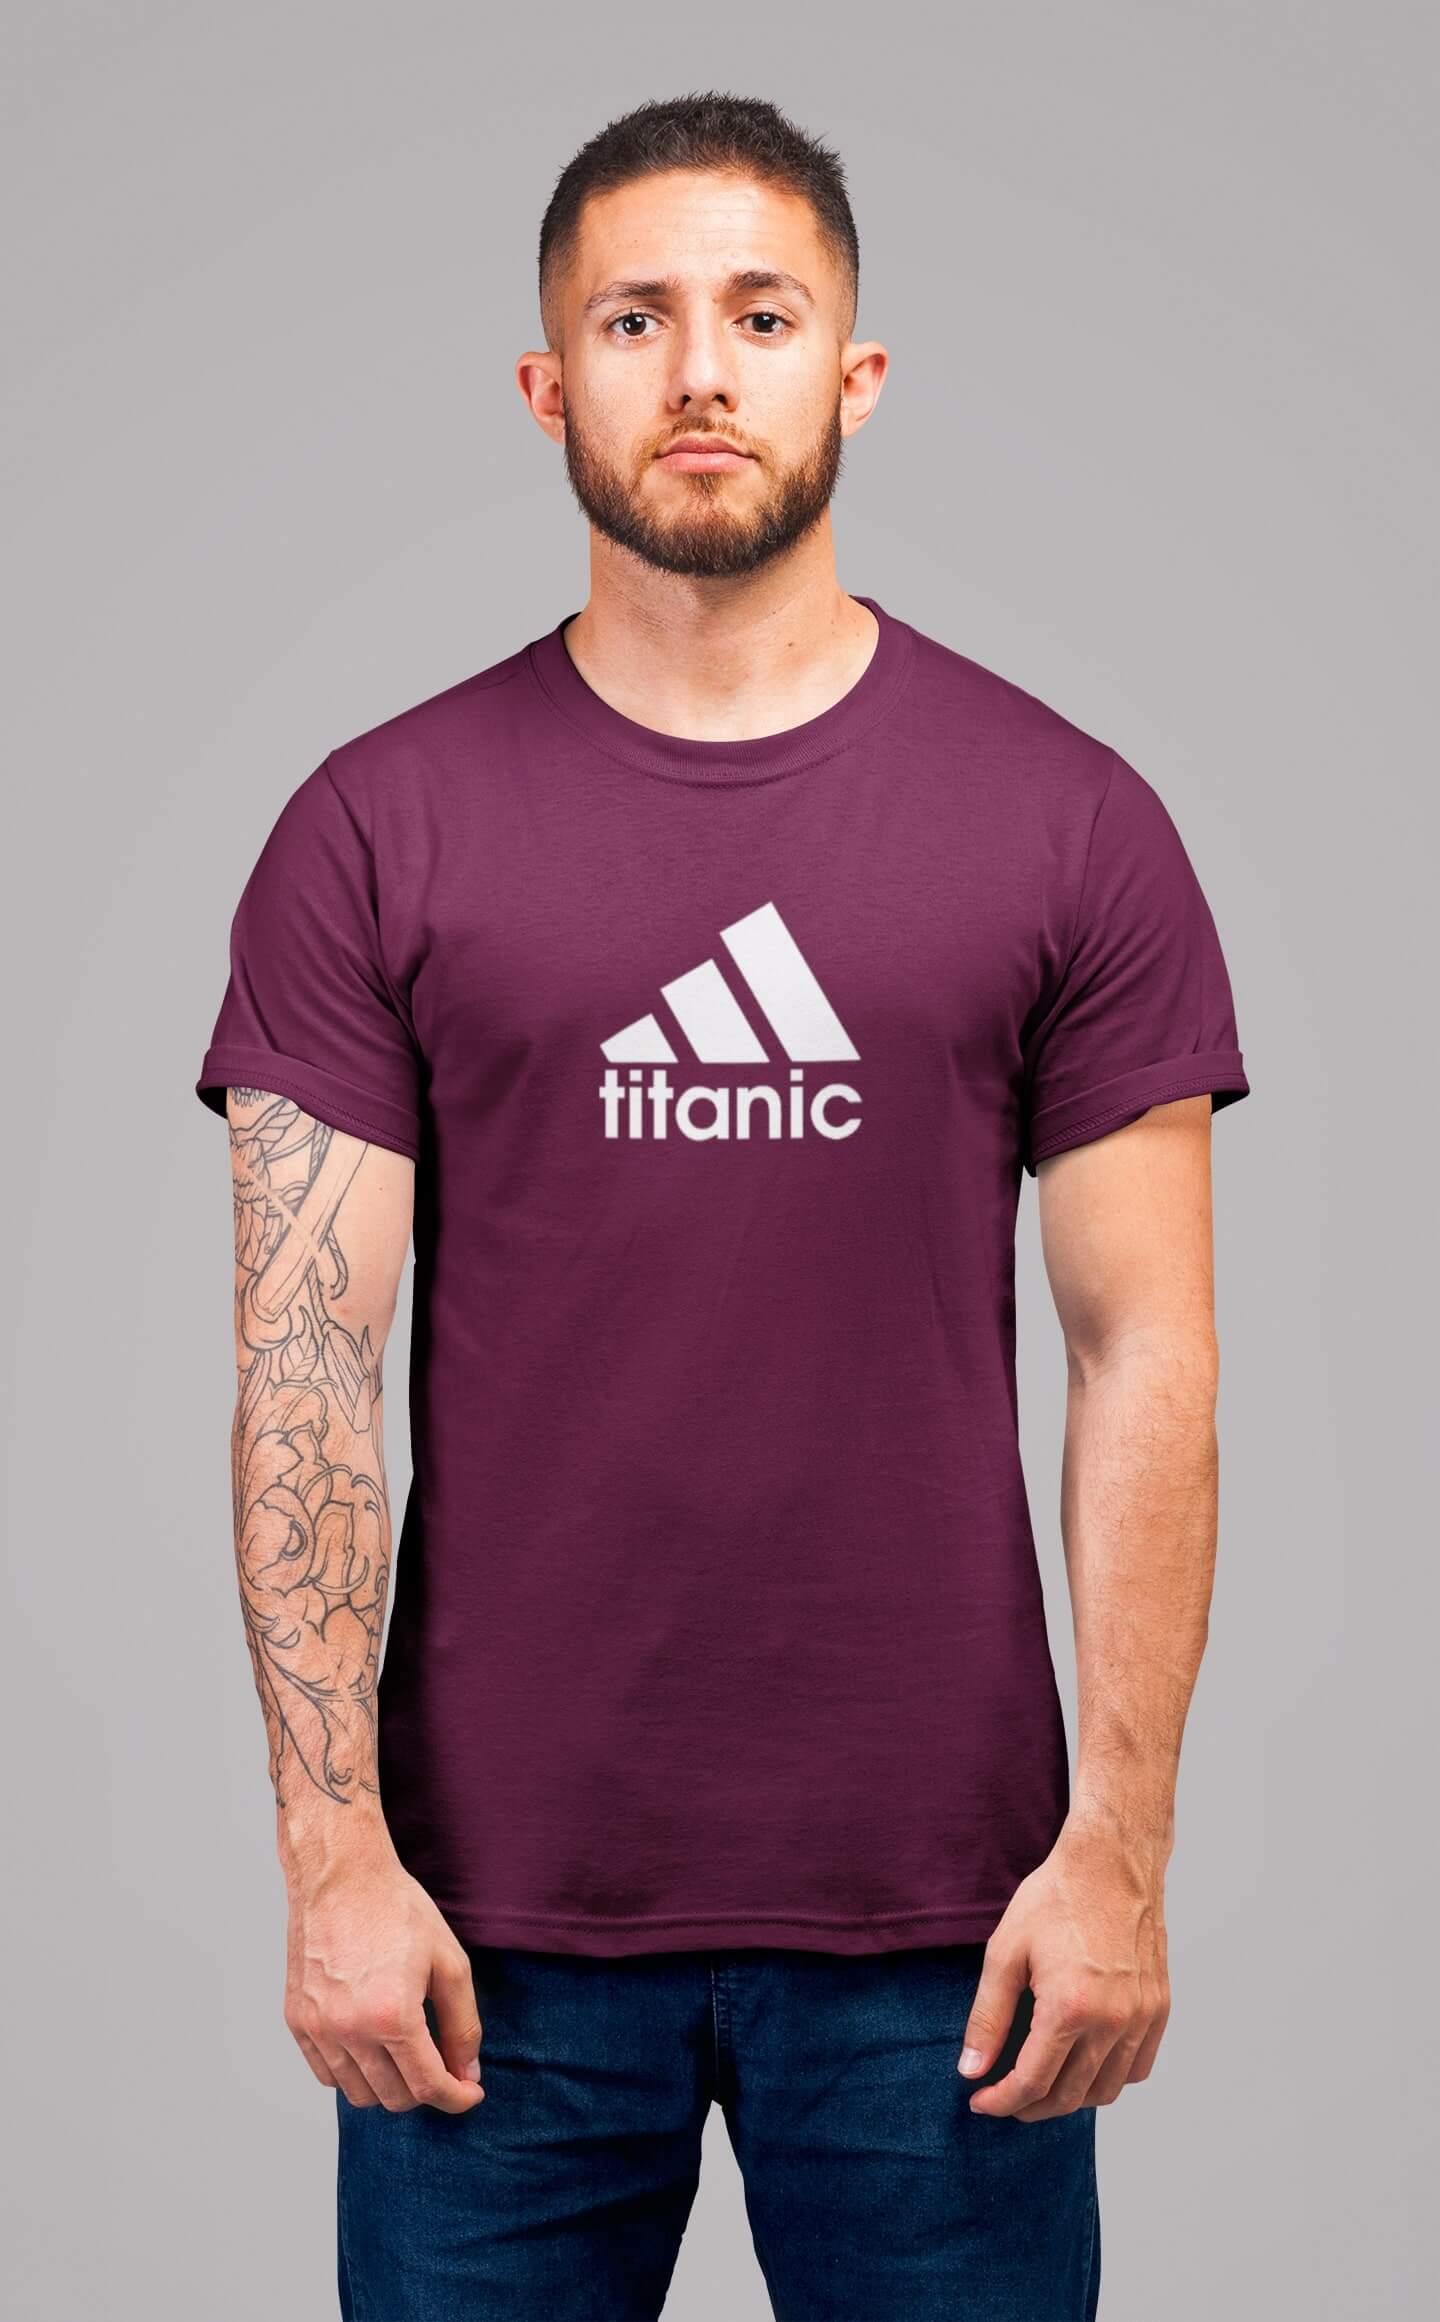 MMO Pánske tričko Titanic Vyberte farbu: Fuchsiová, Vyberte veľkosť: XS